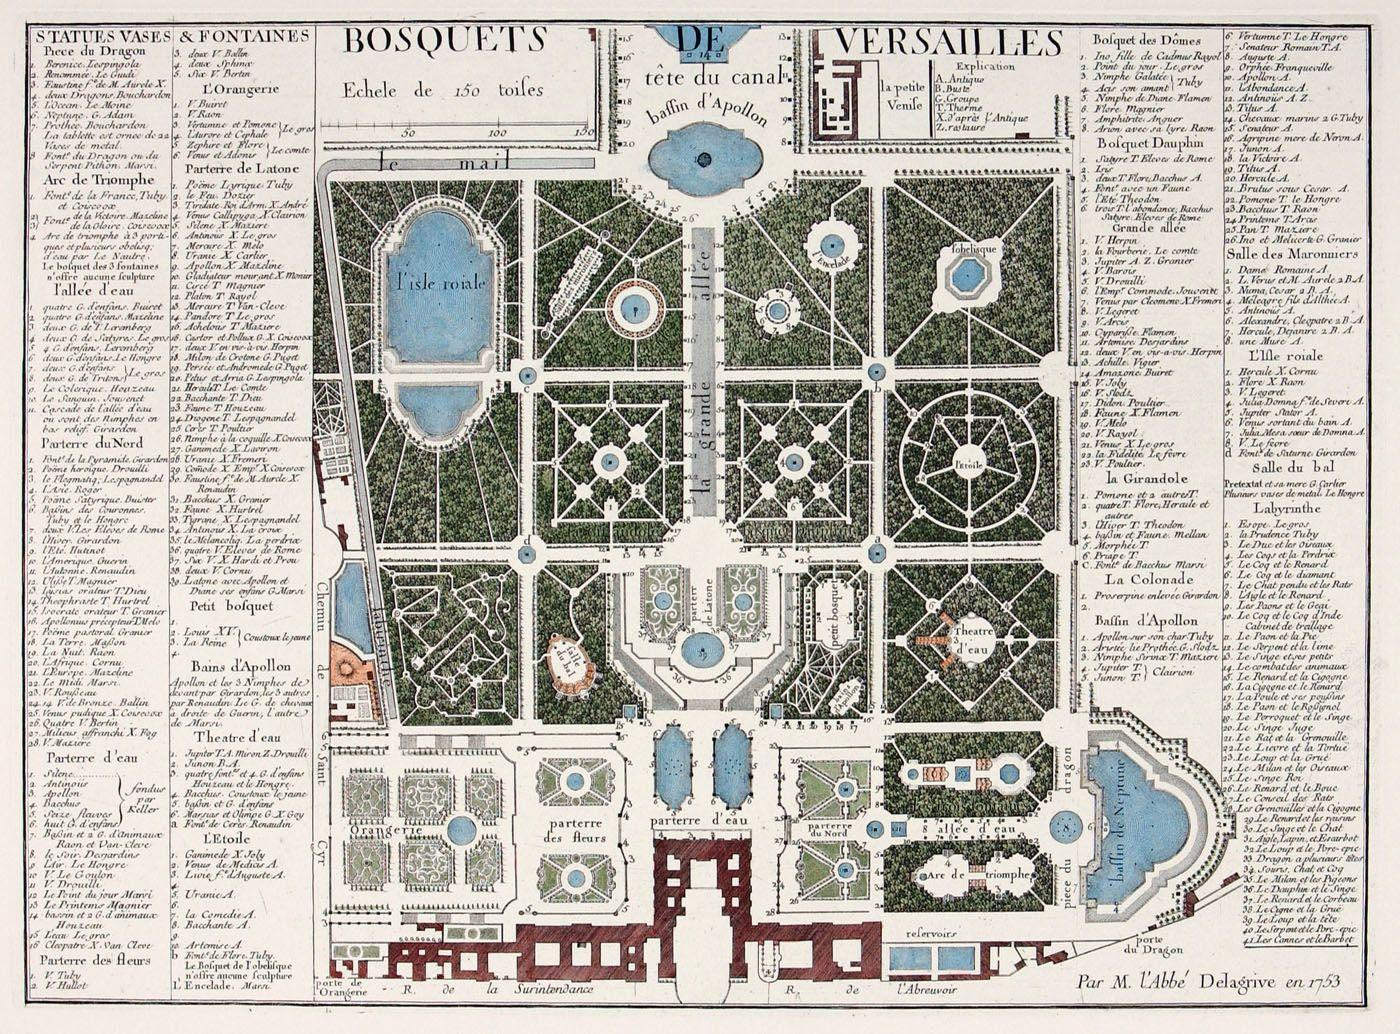 plan du parc de versailles andr le n tre. Black Bedroom Furniture Sets. Home Design Ideas